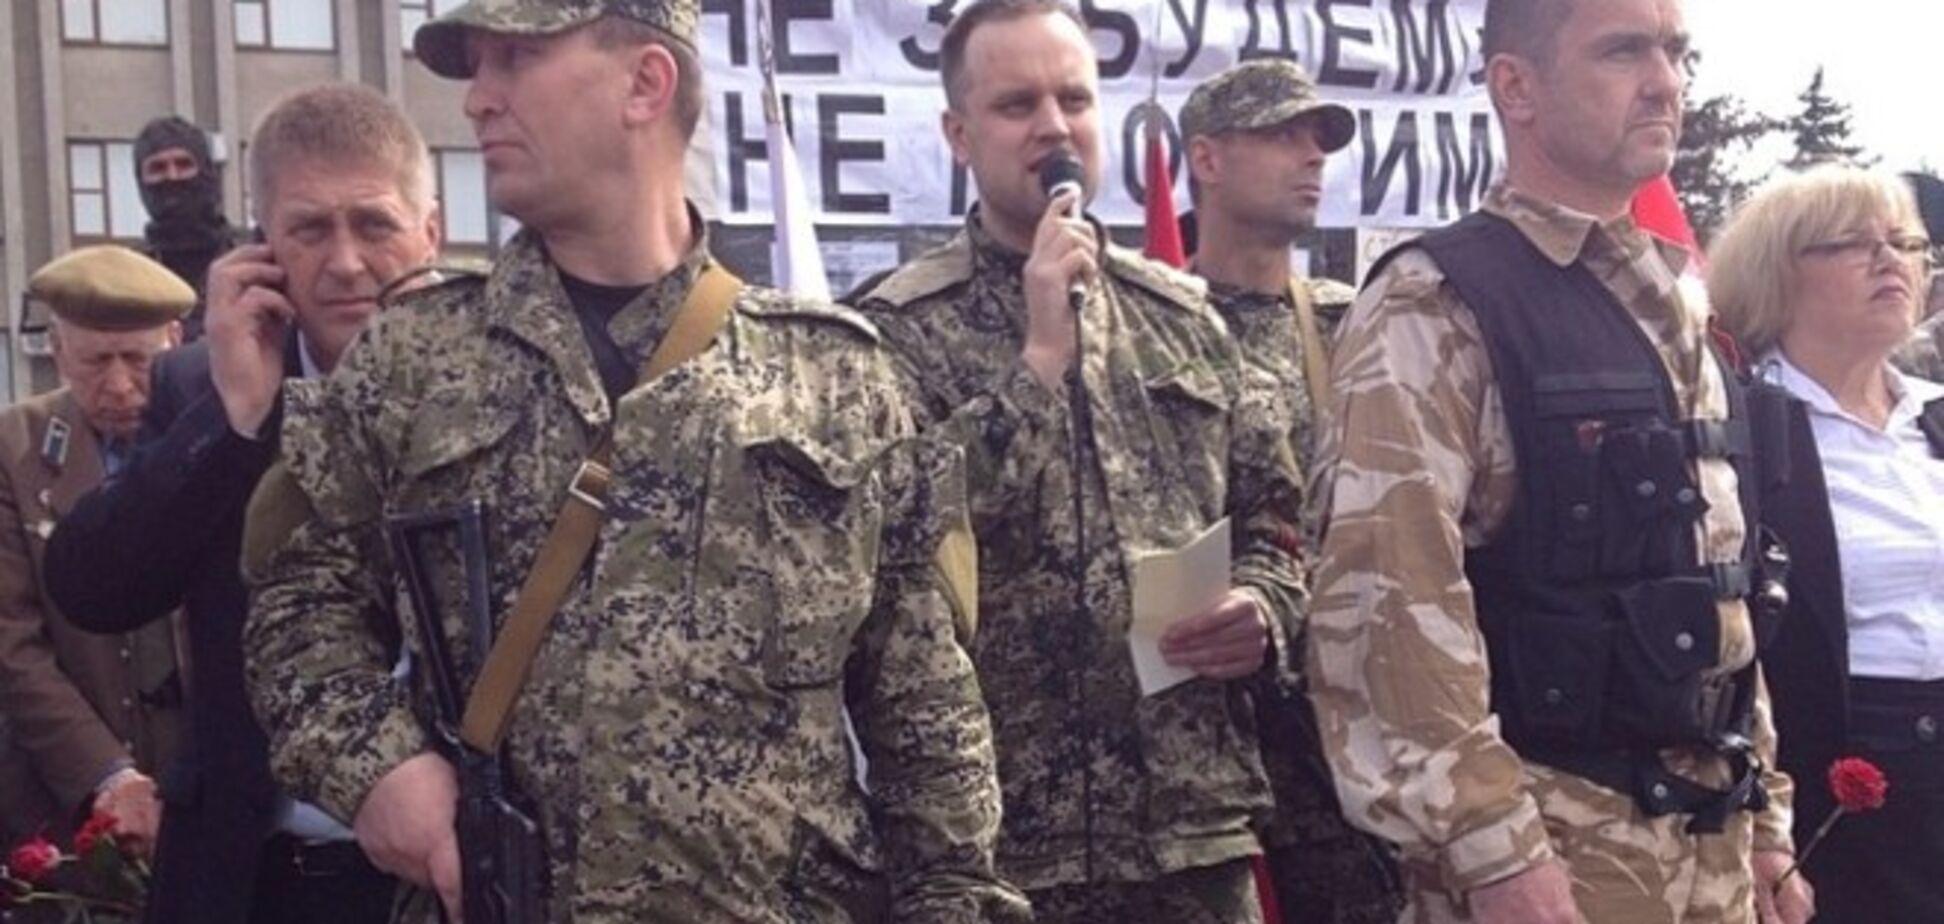 Парад у Слов'янську: Губарєв в камуфляжі, святкове Штепа і гімн СРСР